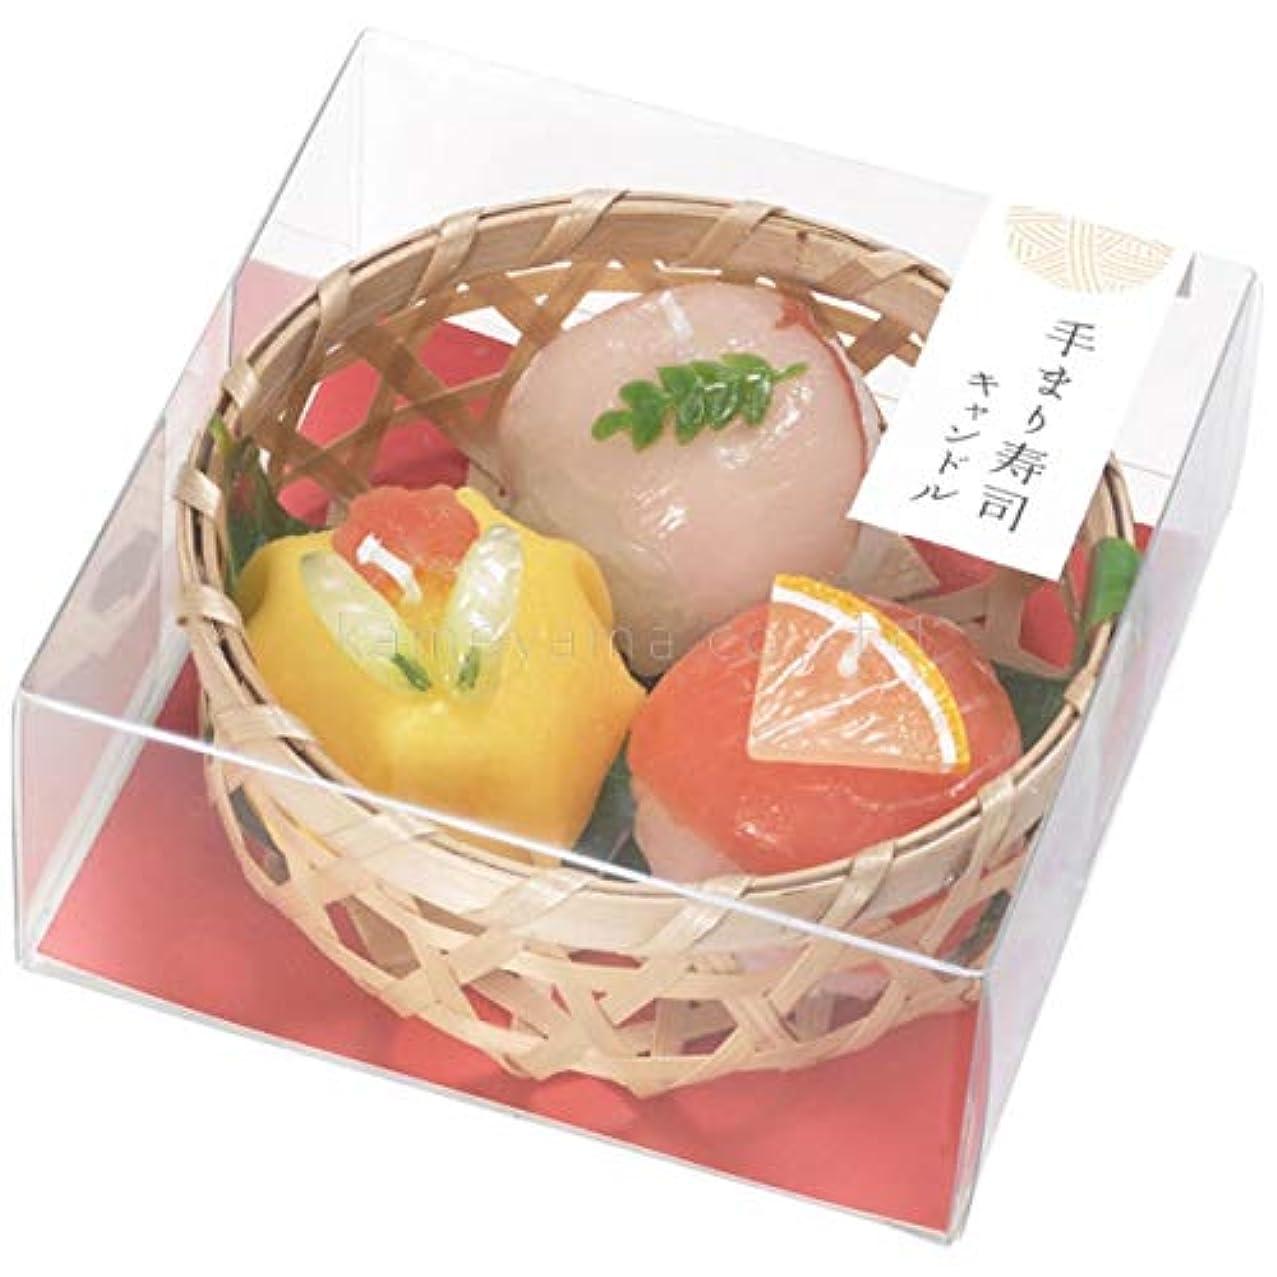 無視ステップ疎外する手まり寿司キャンドル (故人の好物シリーズ)